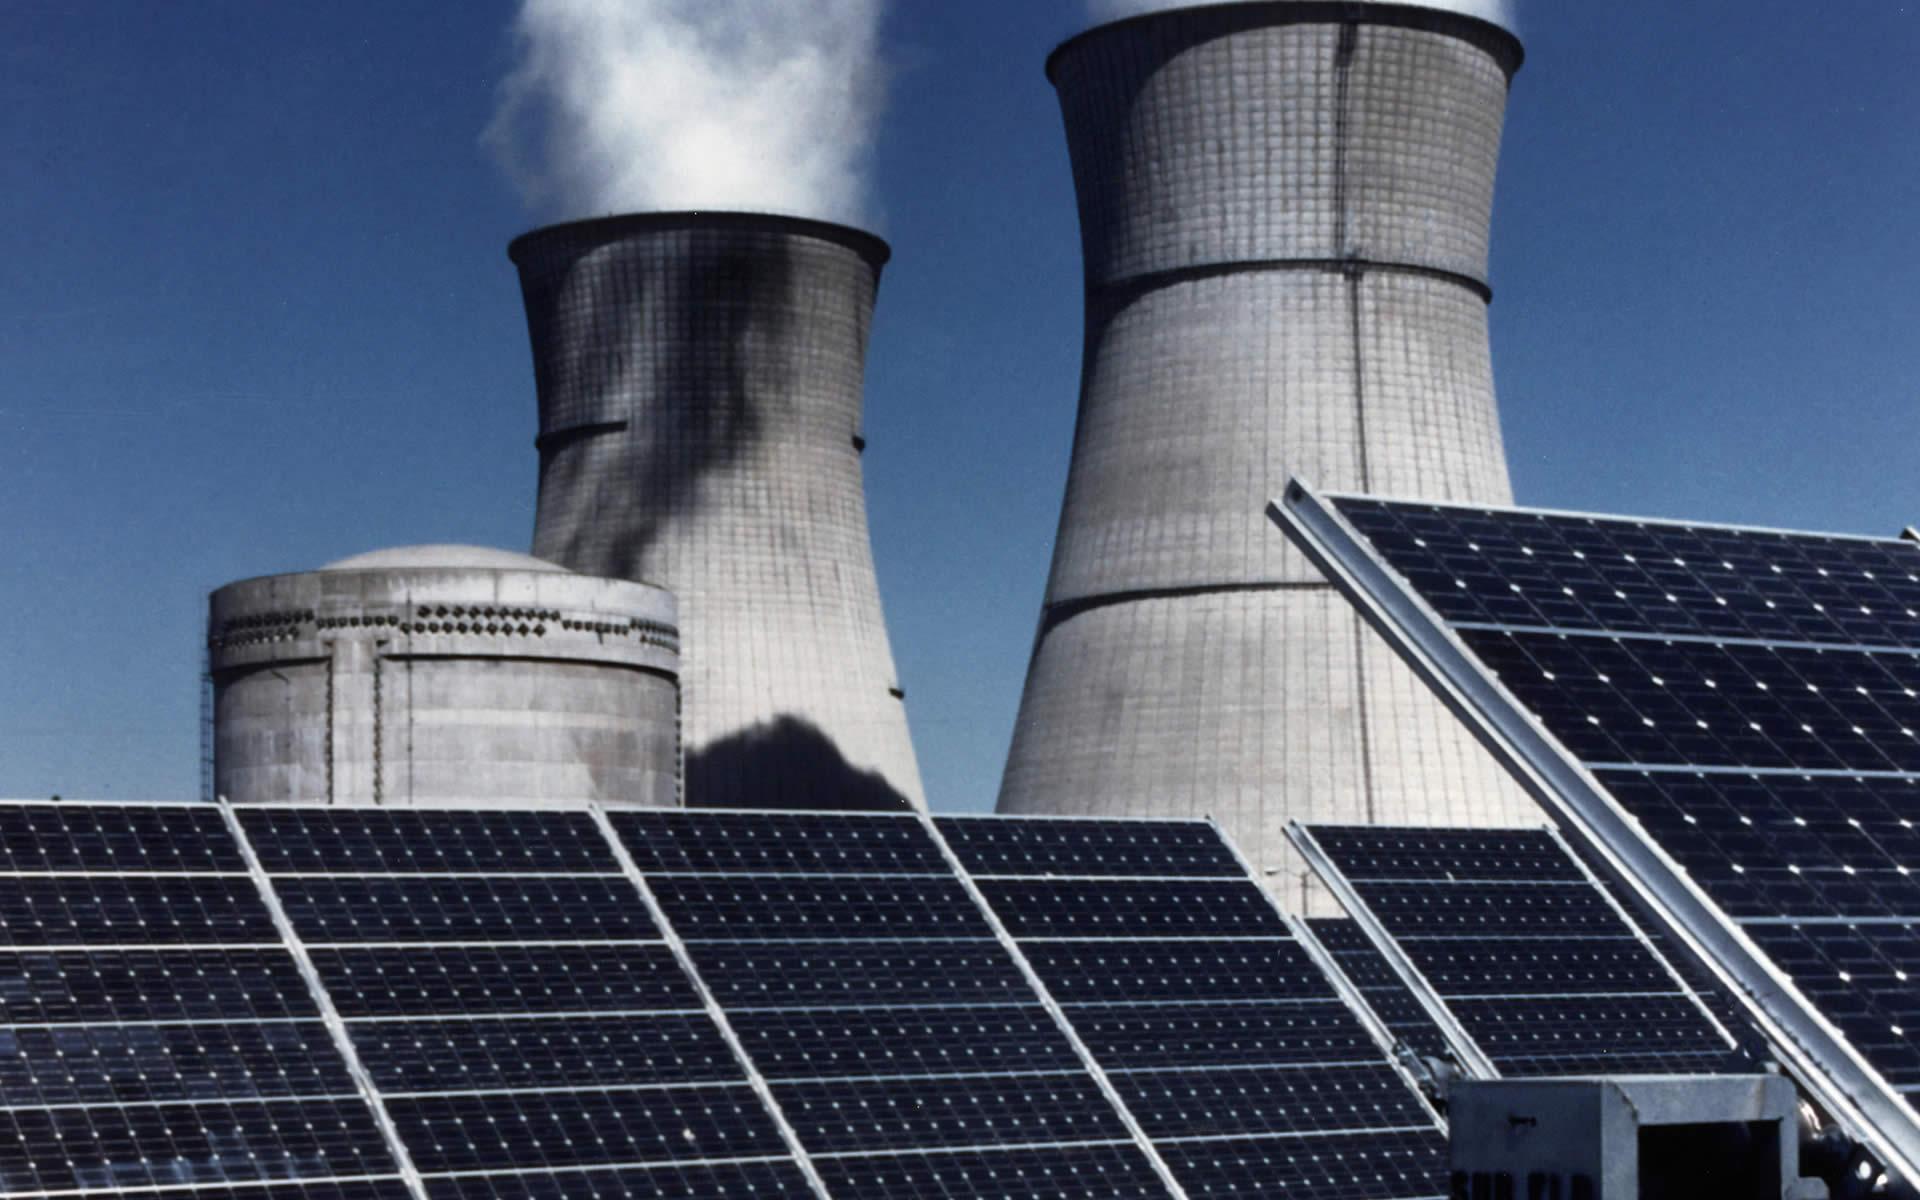 Gestione illegale dei rifiuti da pannelli fotovoltaici, smantellata rete in Italia